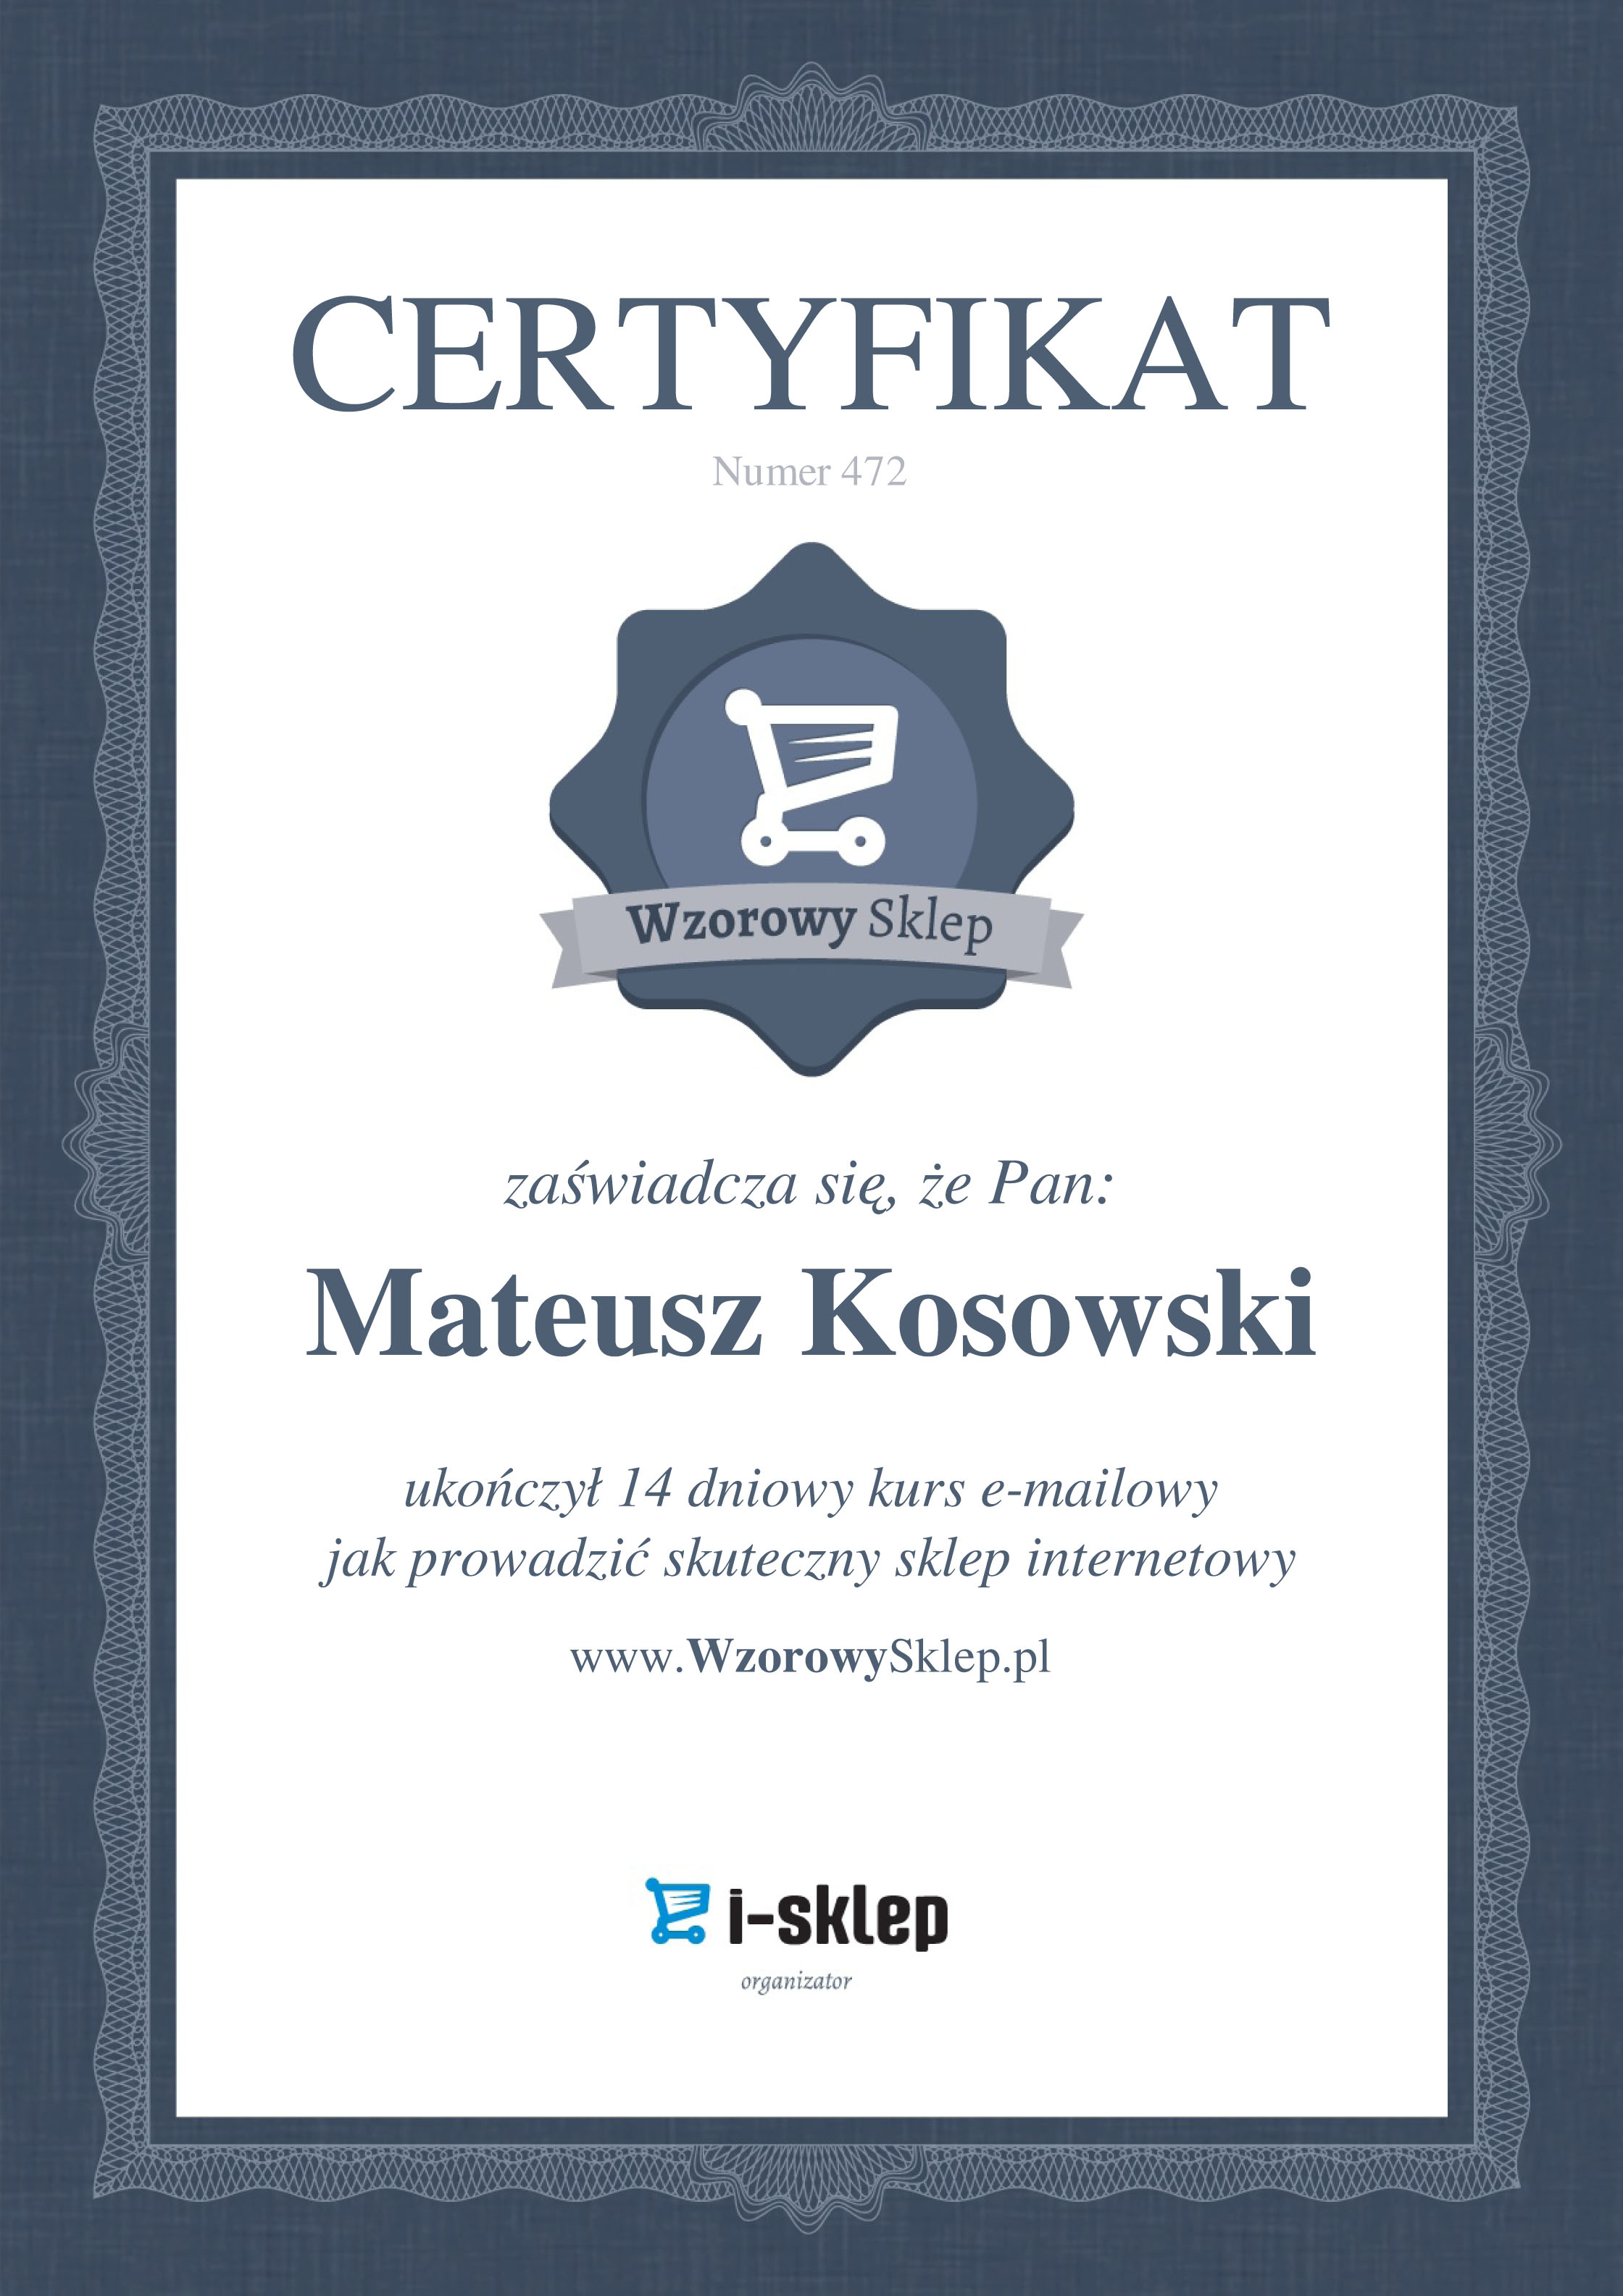 Certyfikat wzorowy sklep